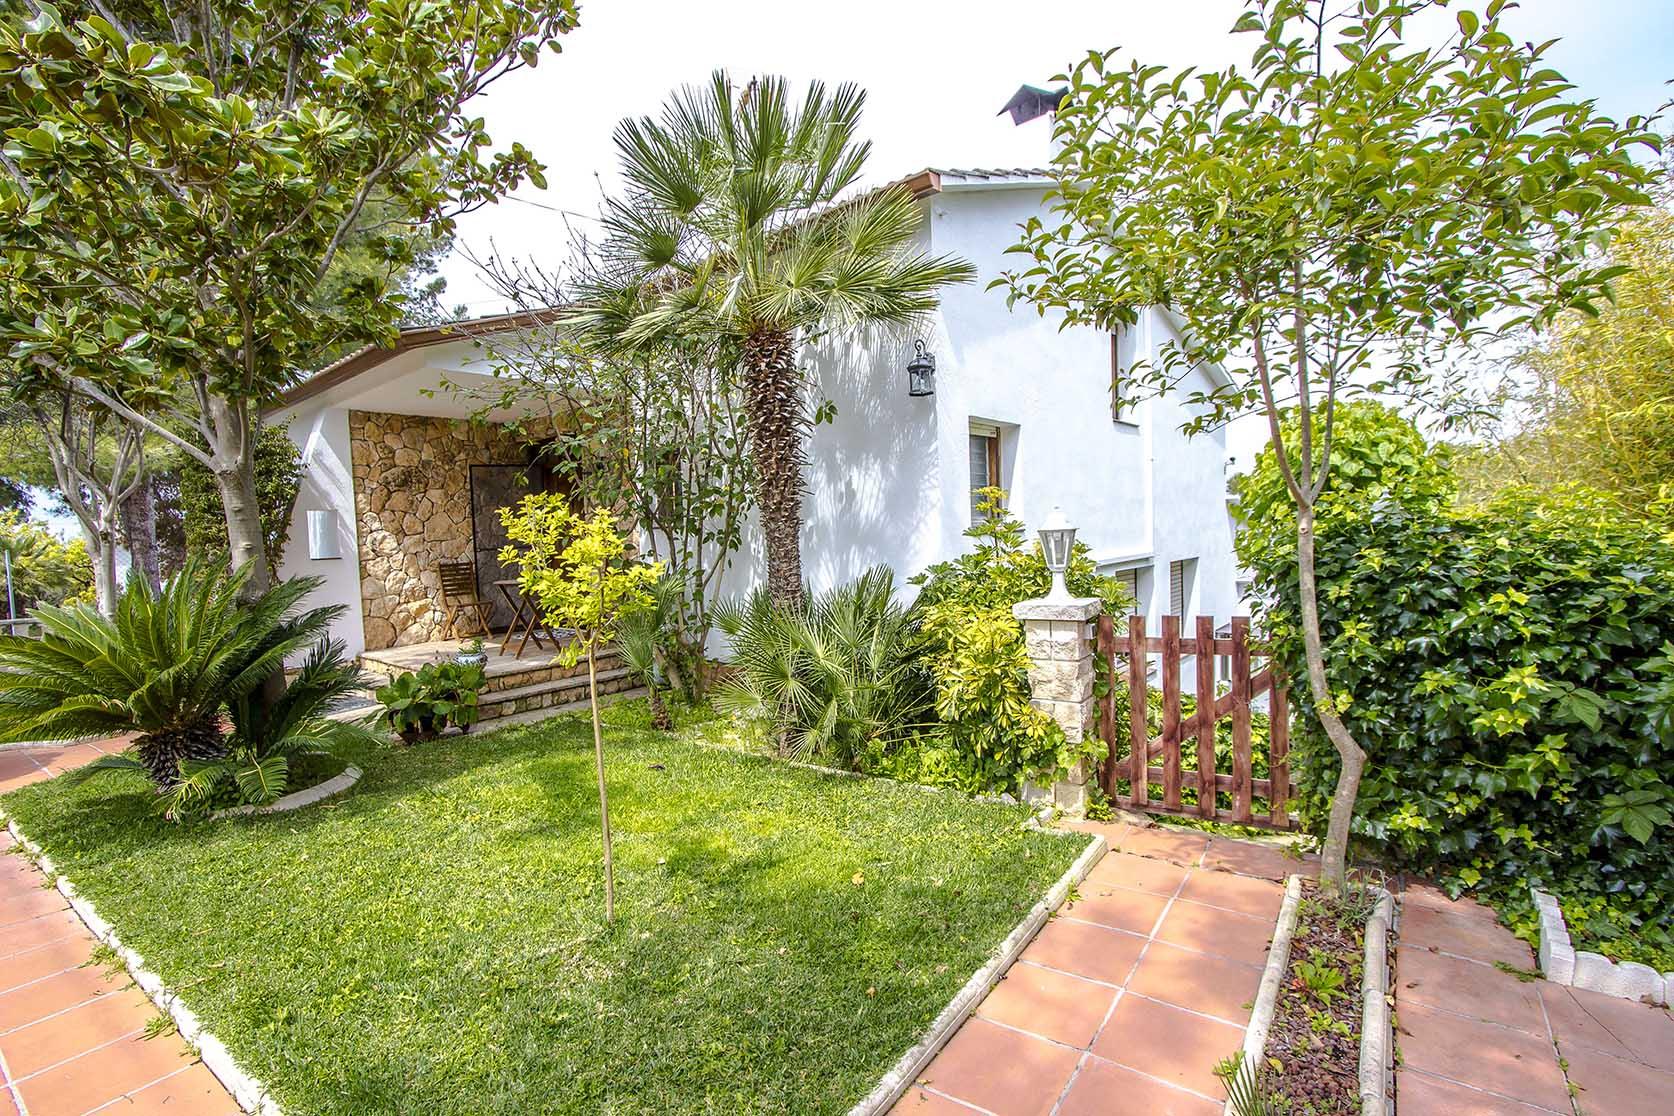 Ferienhaus Catalunya Casas: Lovely villa in Castellet, only 10 min to Costa Dorada beaches! (1890850), Castellet i la Gornal, Costa del Garraf, Katalonien, Spanien, Bild 39